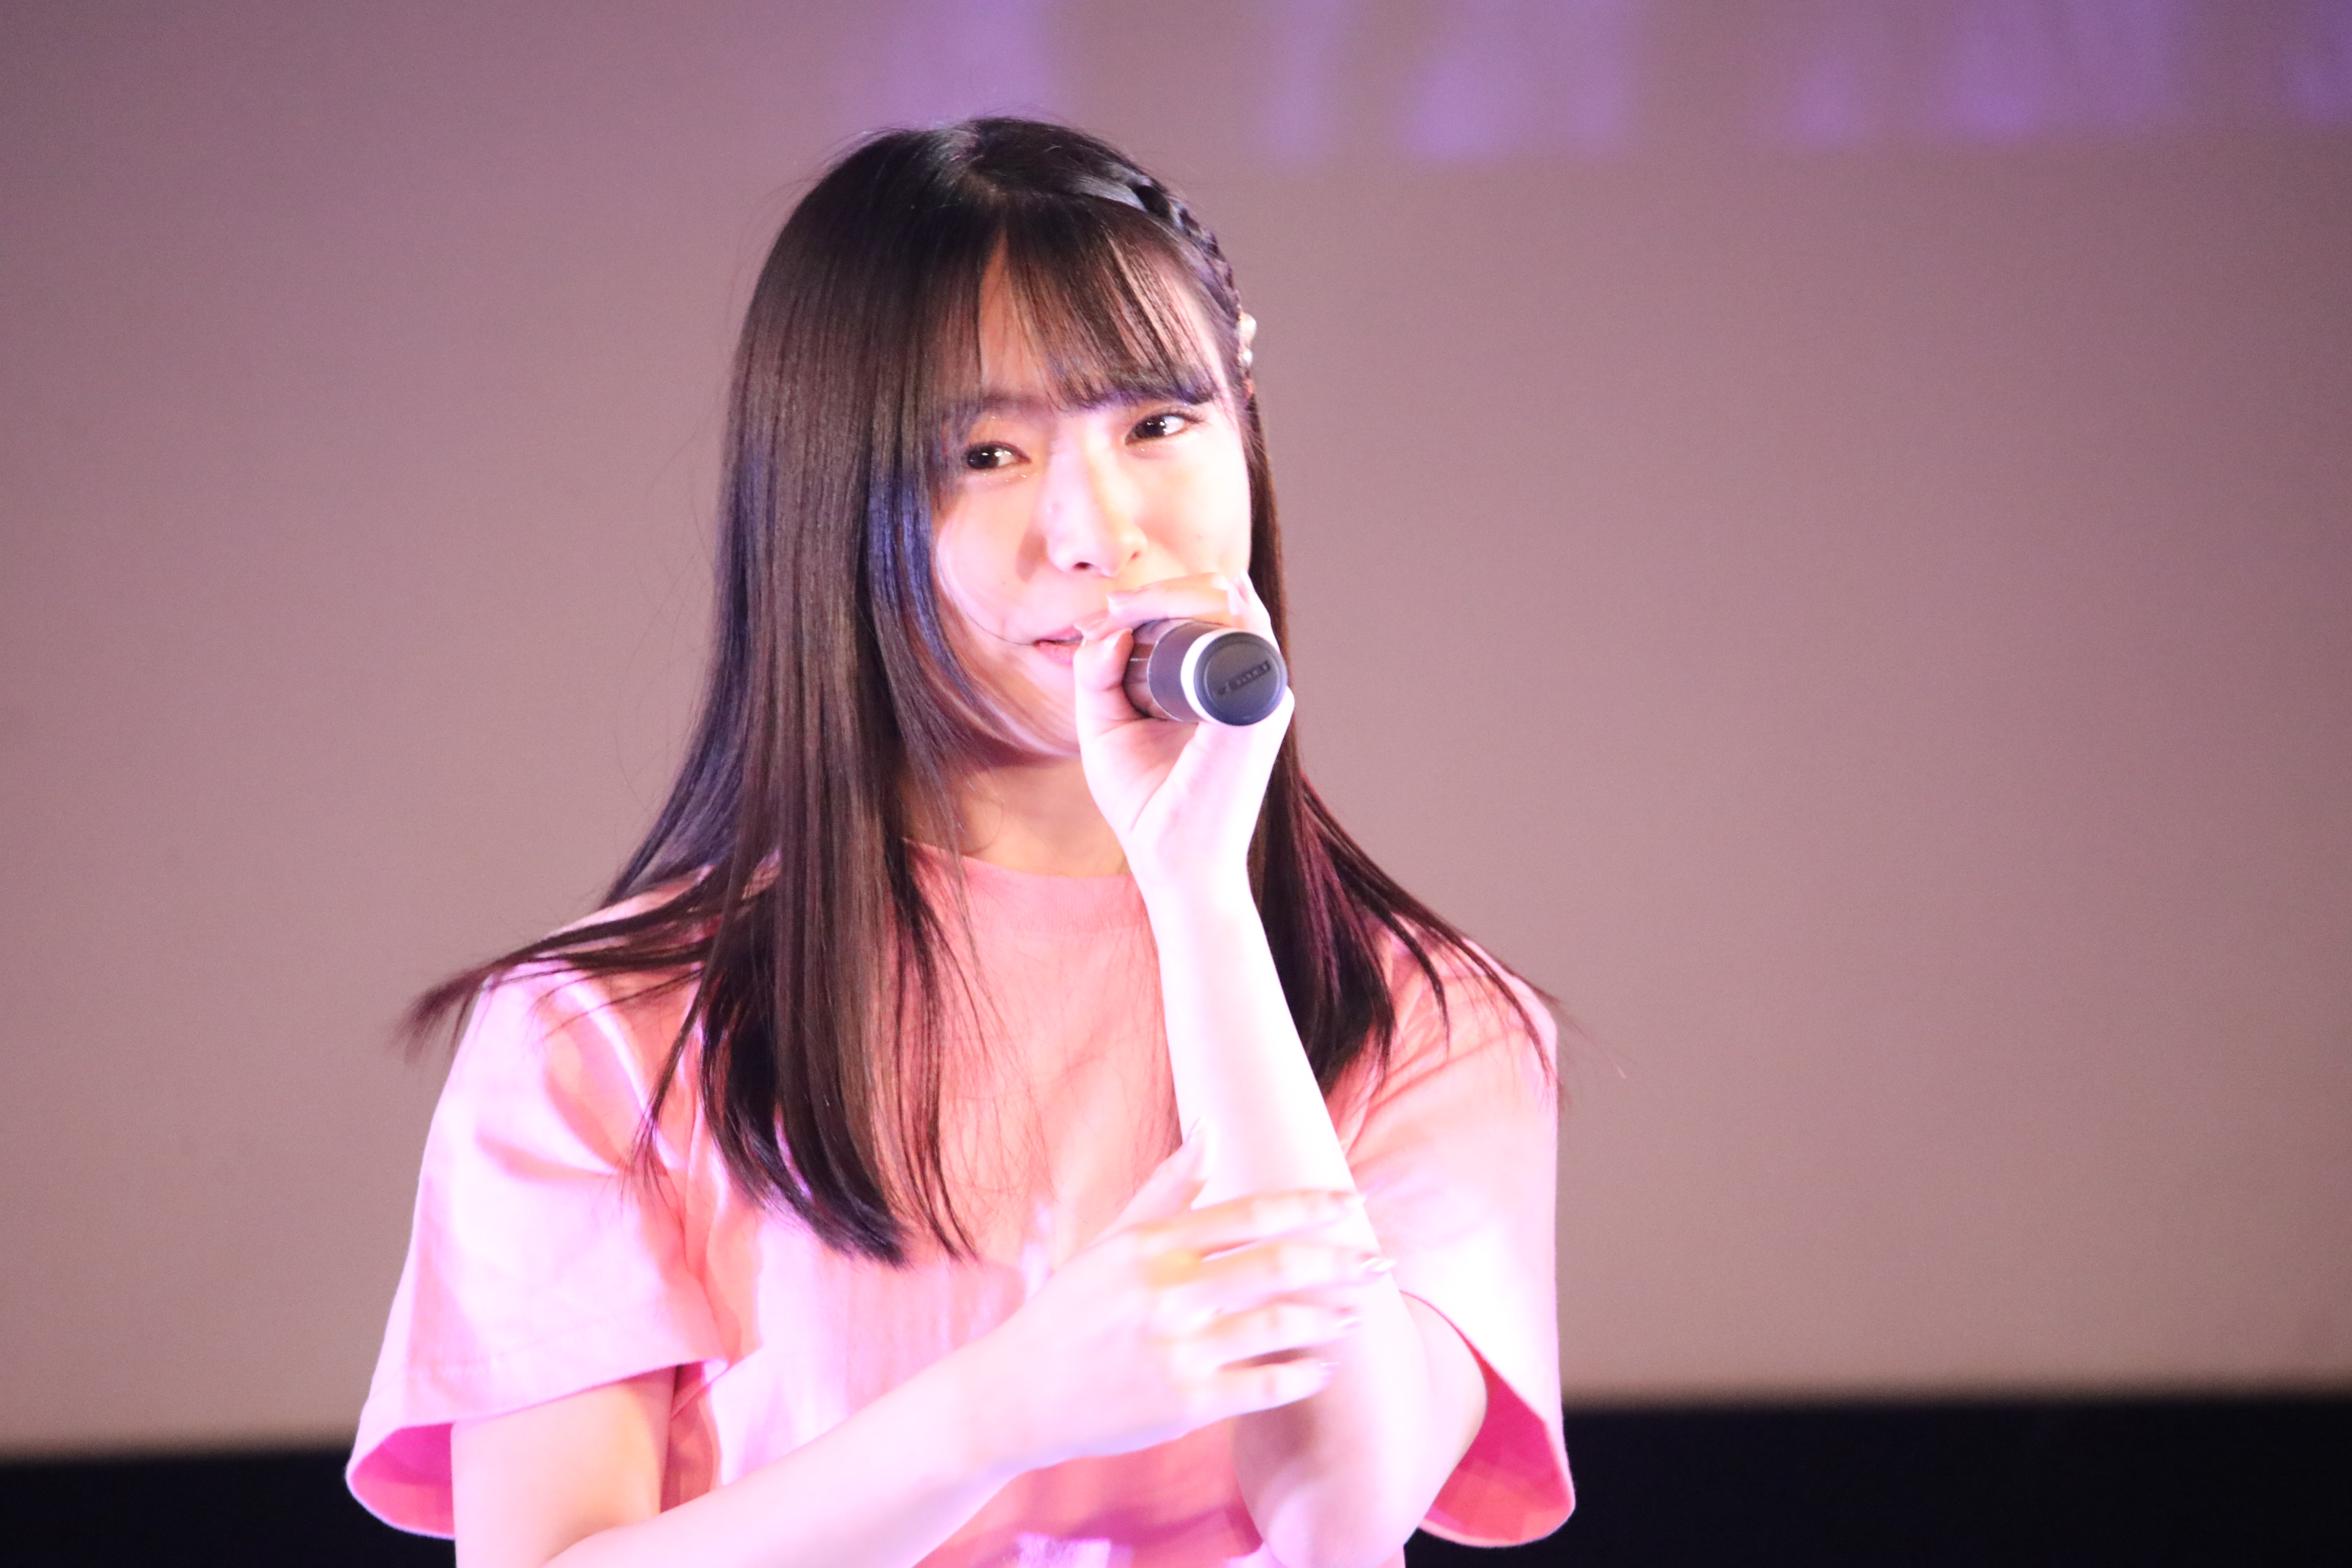 株式会社トリミングサロンさと:久保怜音社長(AKB48)